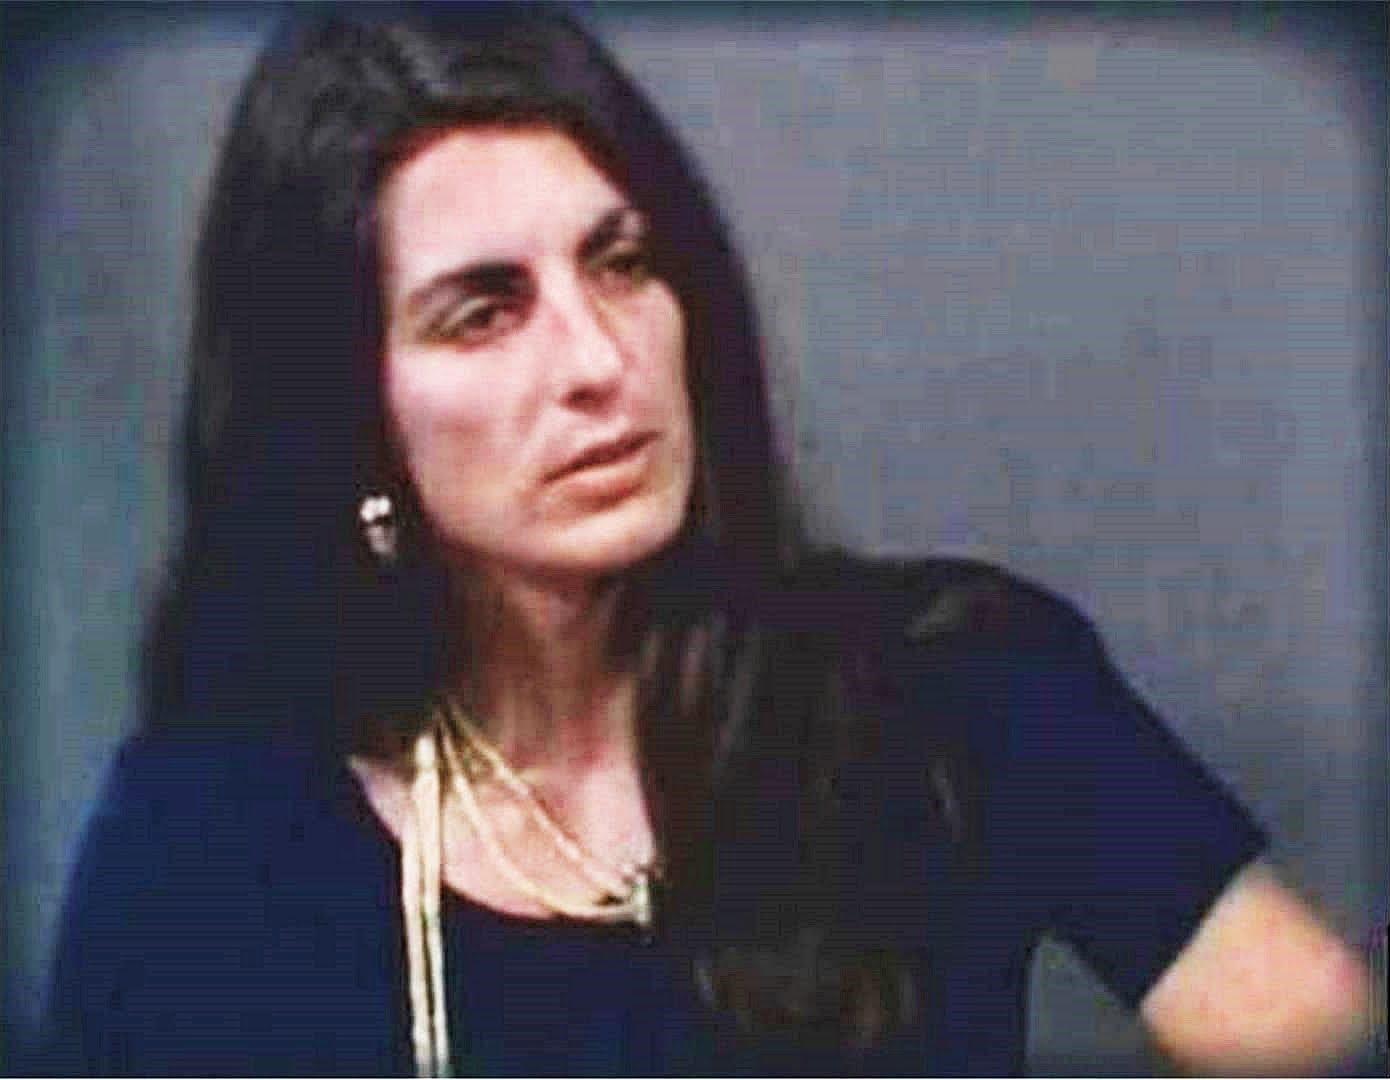 Christine_Chubbuck_wikimedia_org